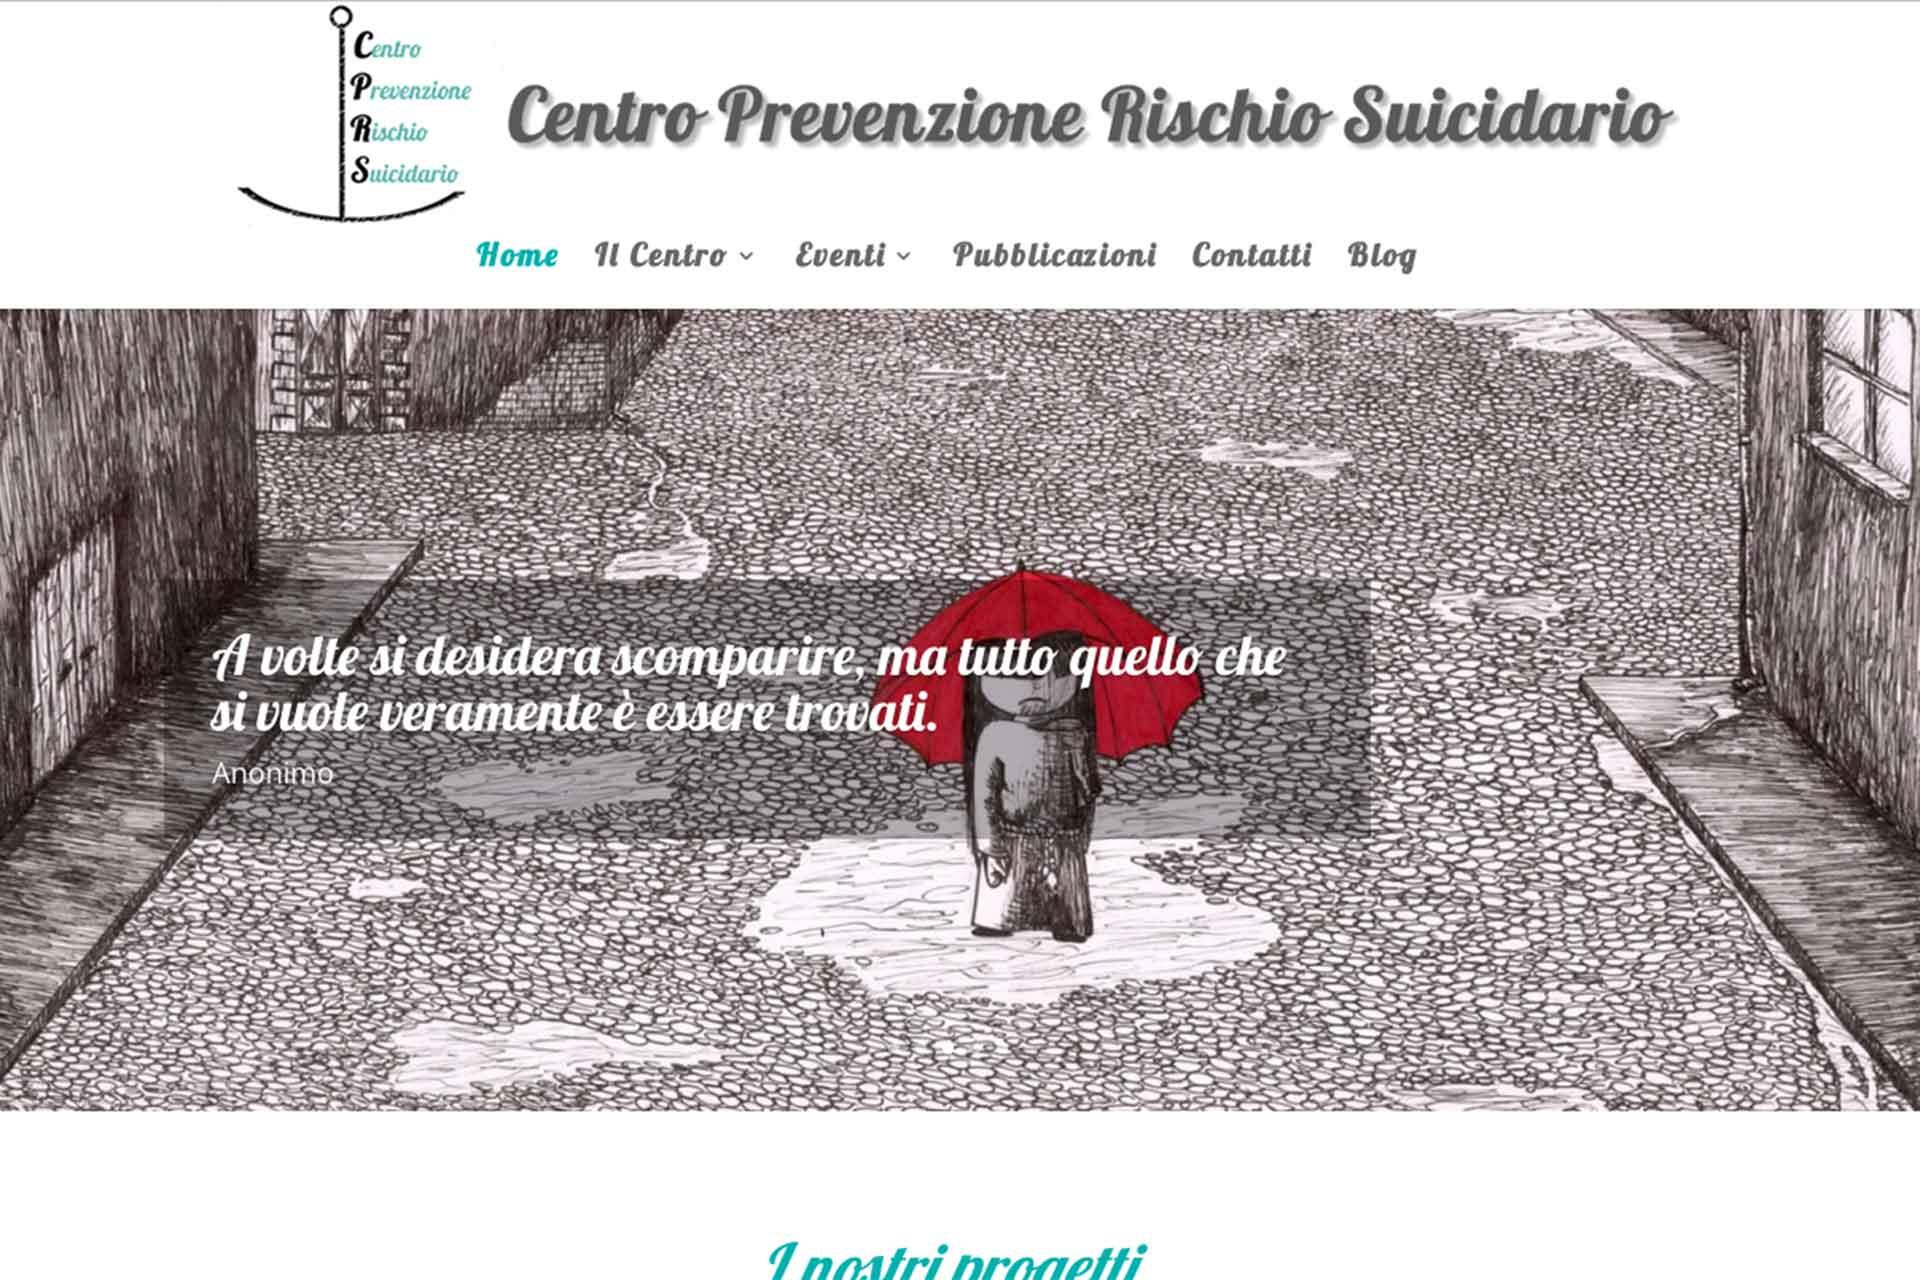 lv-design-realizzazione-siti-web-bologna-portfolio-centro-prevenzione-rischio-suicidario-slide-1